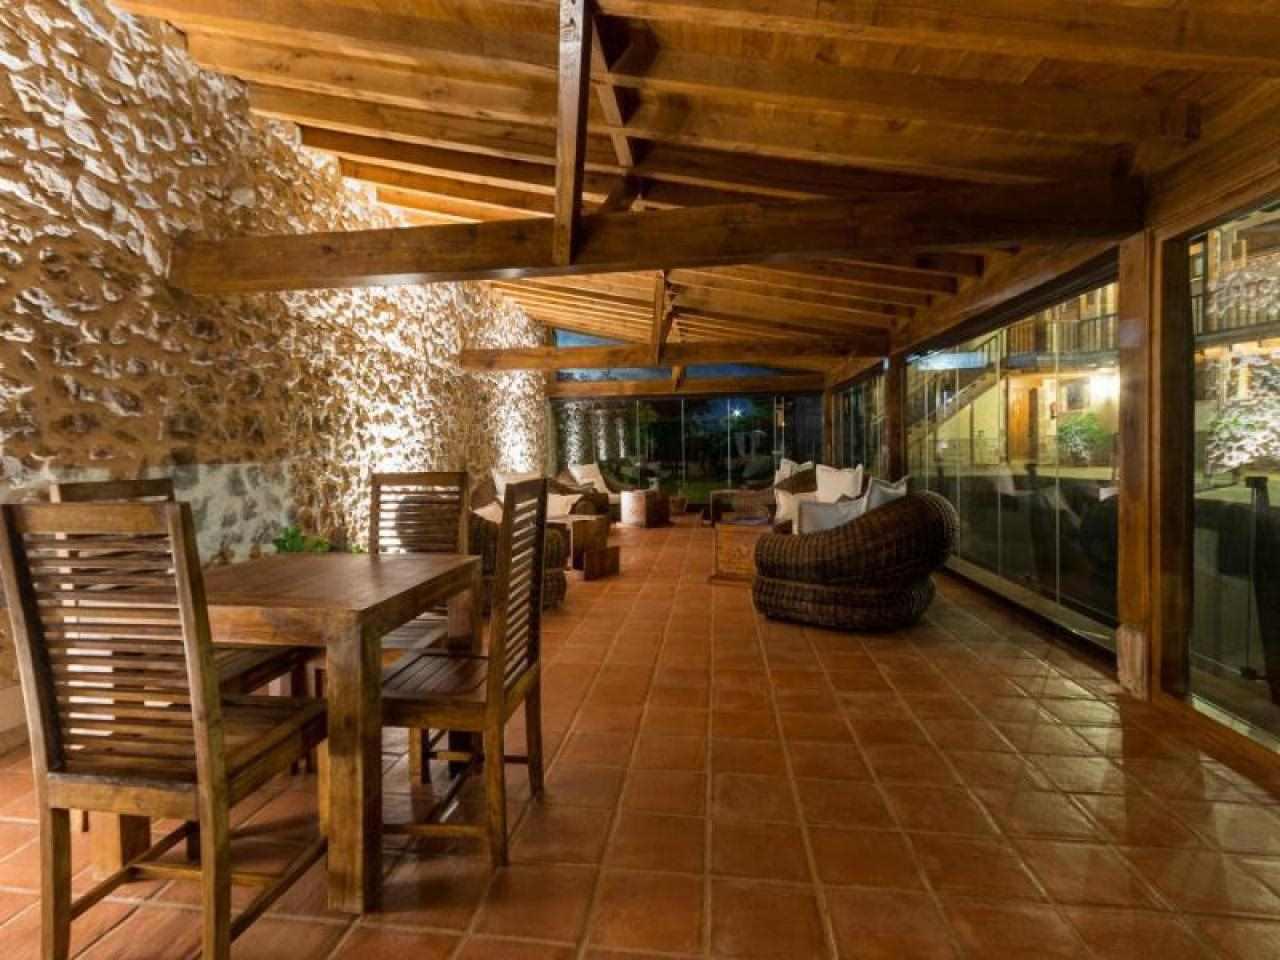 Apartamento para vacaciones Somo, Cantabria